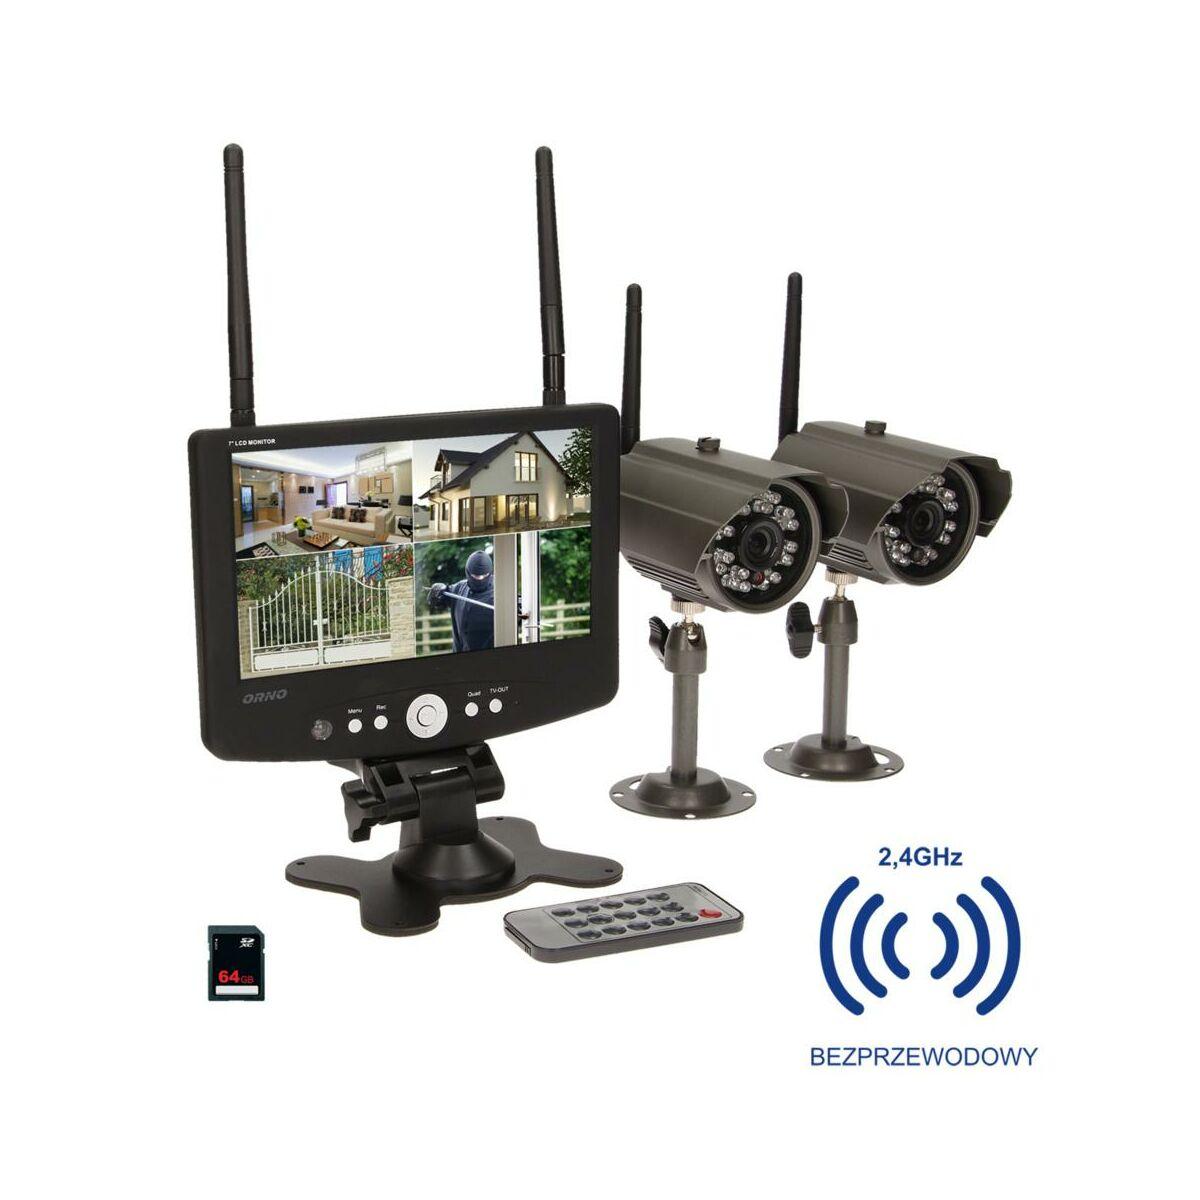 Zestaw Do Wideomonitoringu Or Mt Je 1801 2 Kamery Orno Kamery Do Monitoringu W Atrakcyjnej Cenie W Sklepach Leroy Merlin